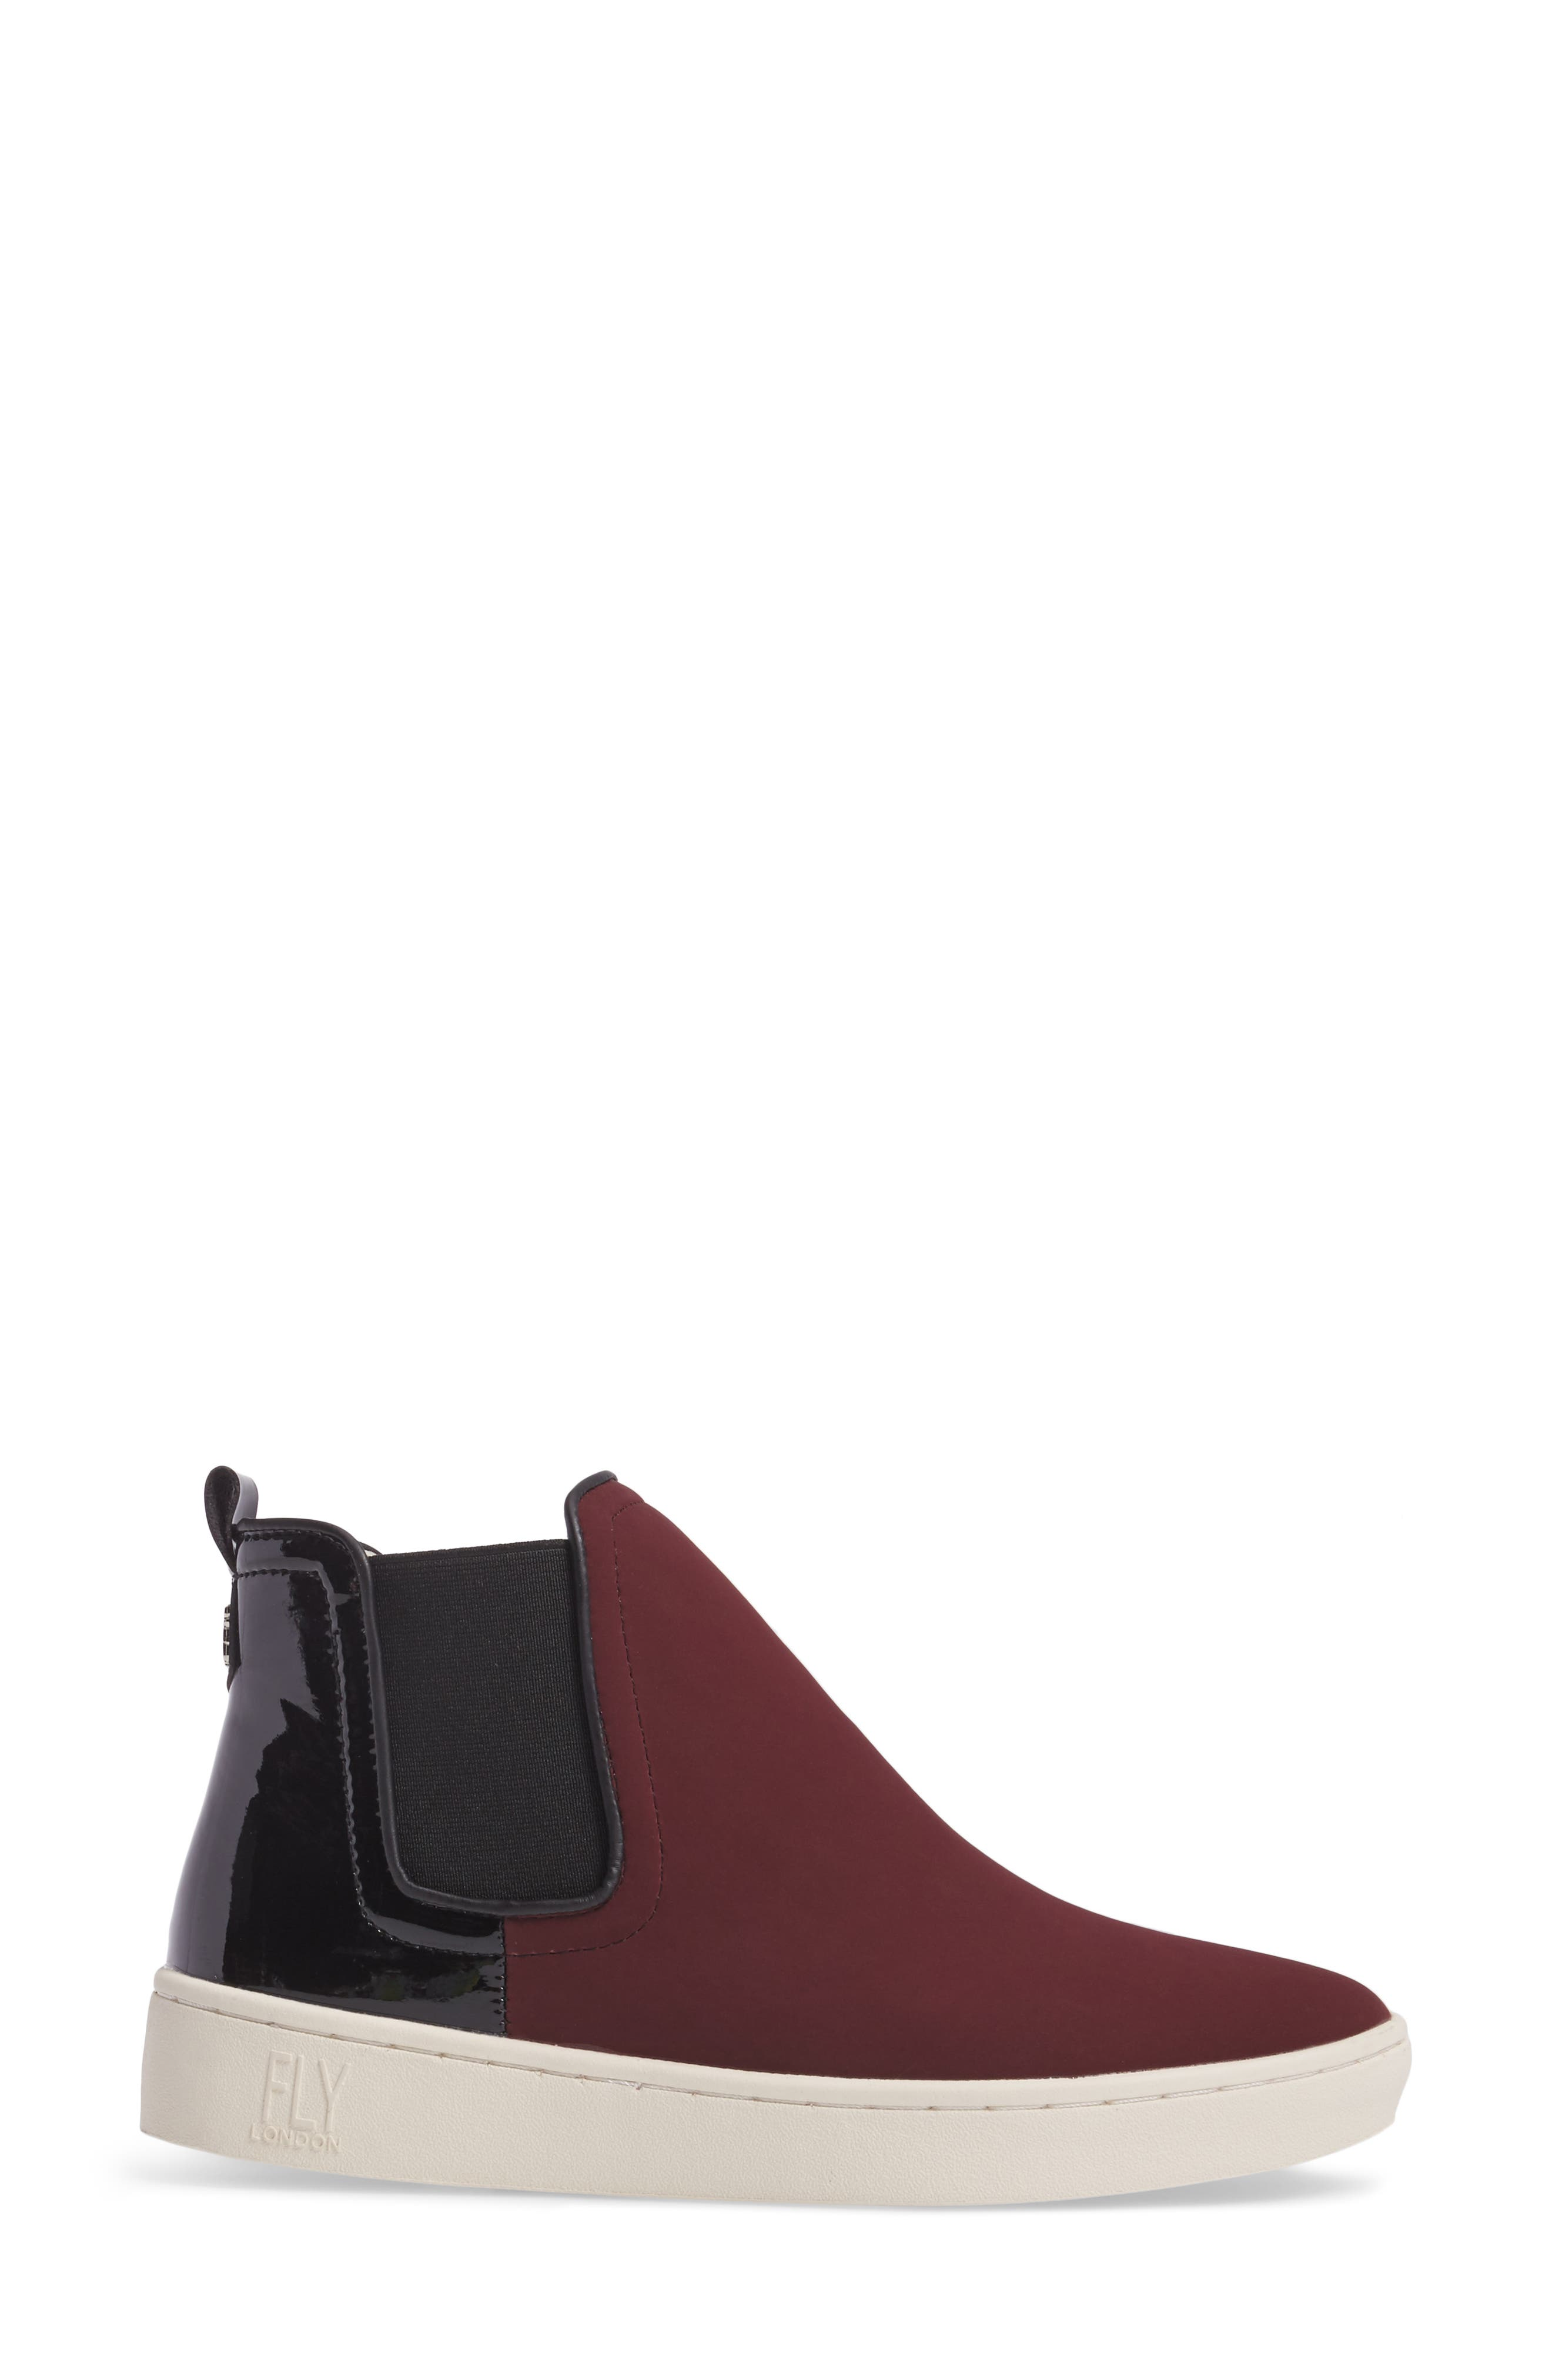 'Mabs' Slip-On Platform Sneaker,                             Alternate thumbnail 3, color,                             003